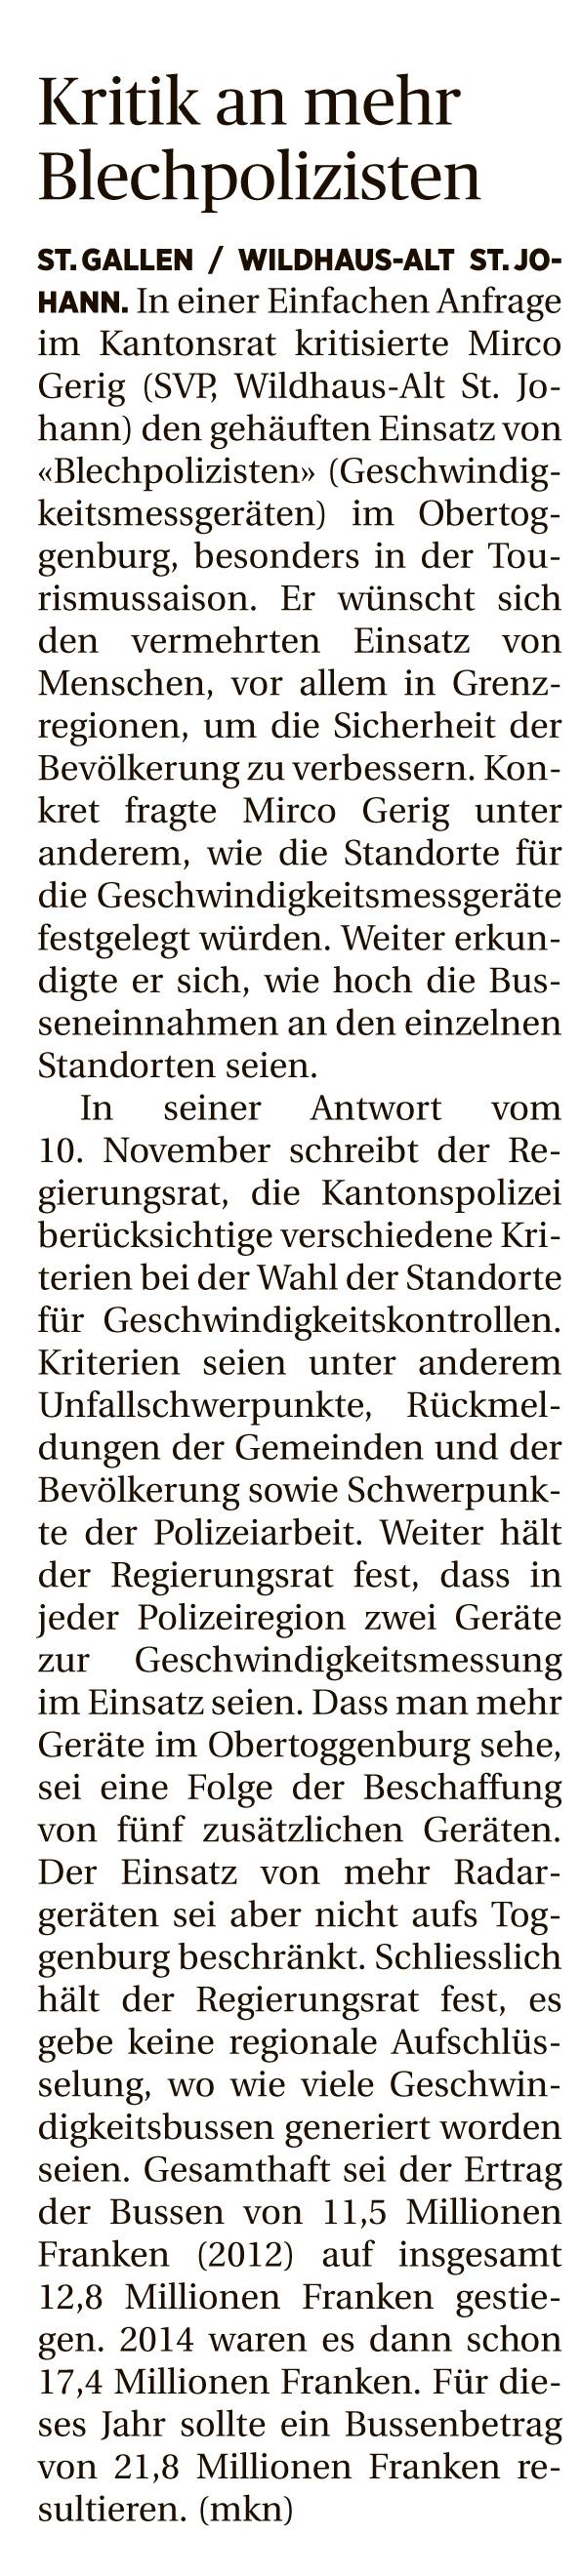 Kritik an mehr Blechpolizisten (Dienstag, 01.12.2015)